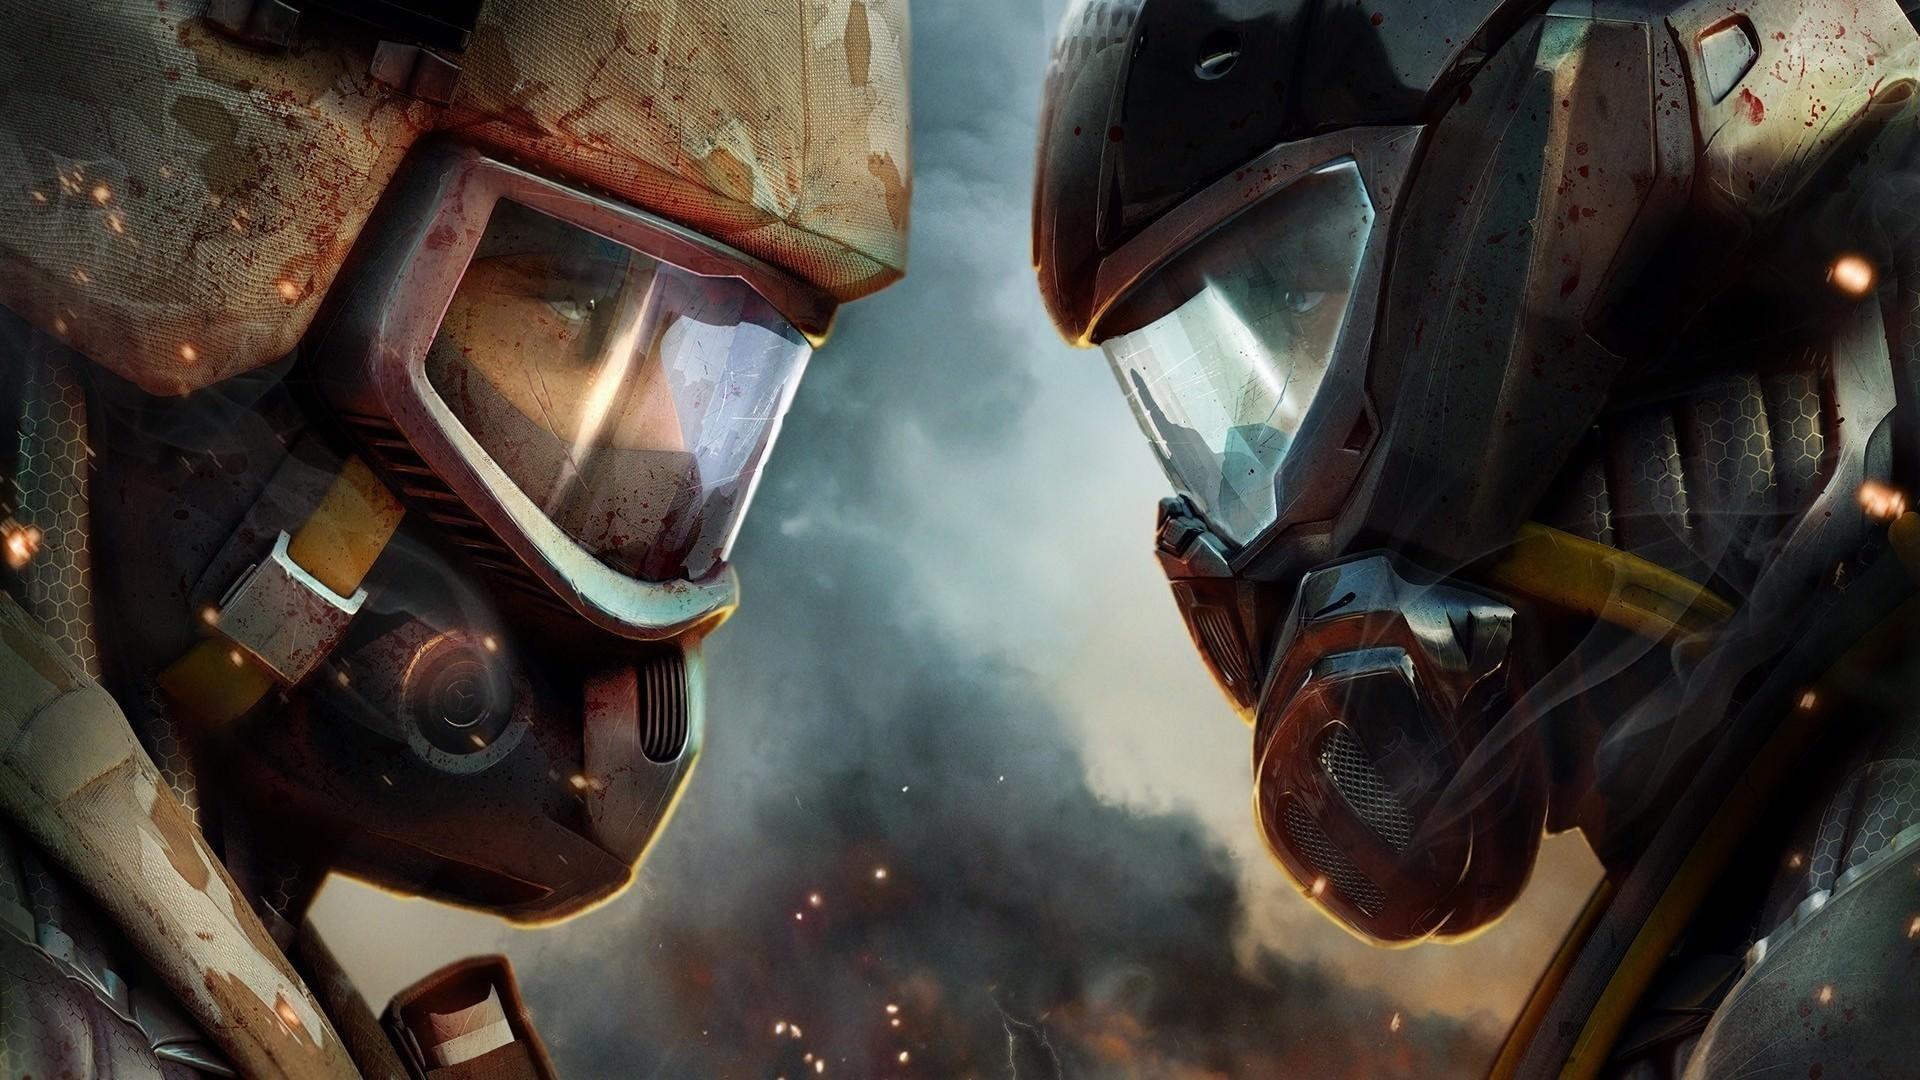 Crysis 2 Game versus War Wallpaper